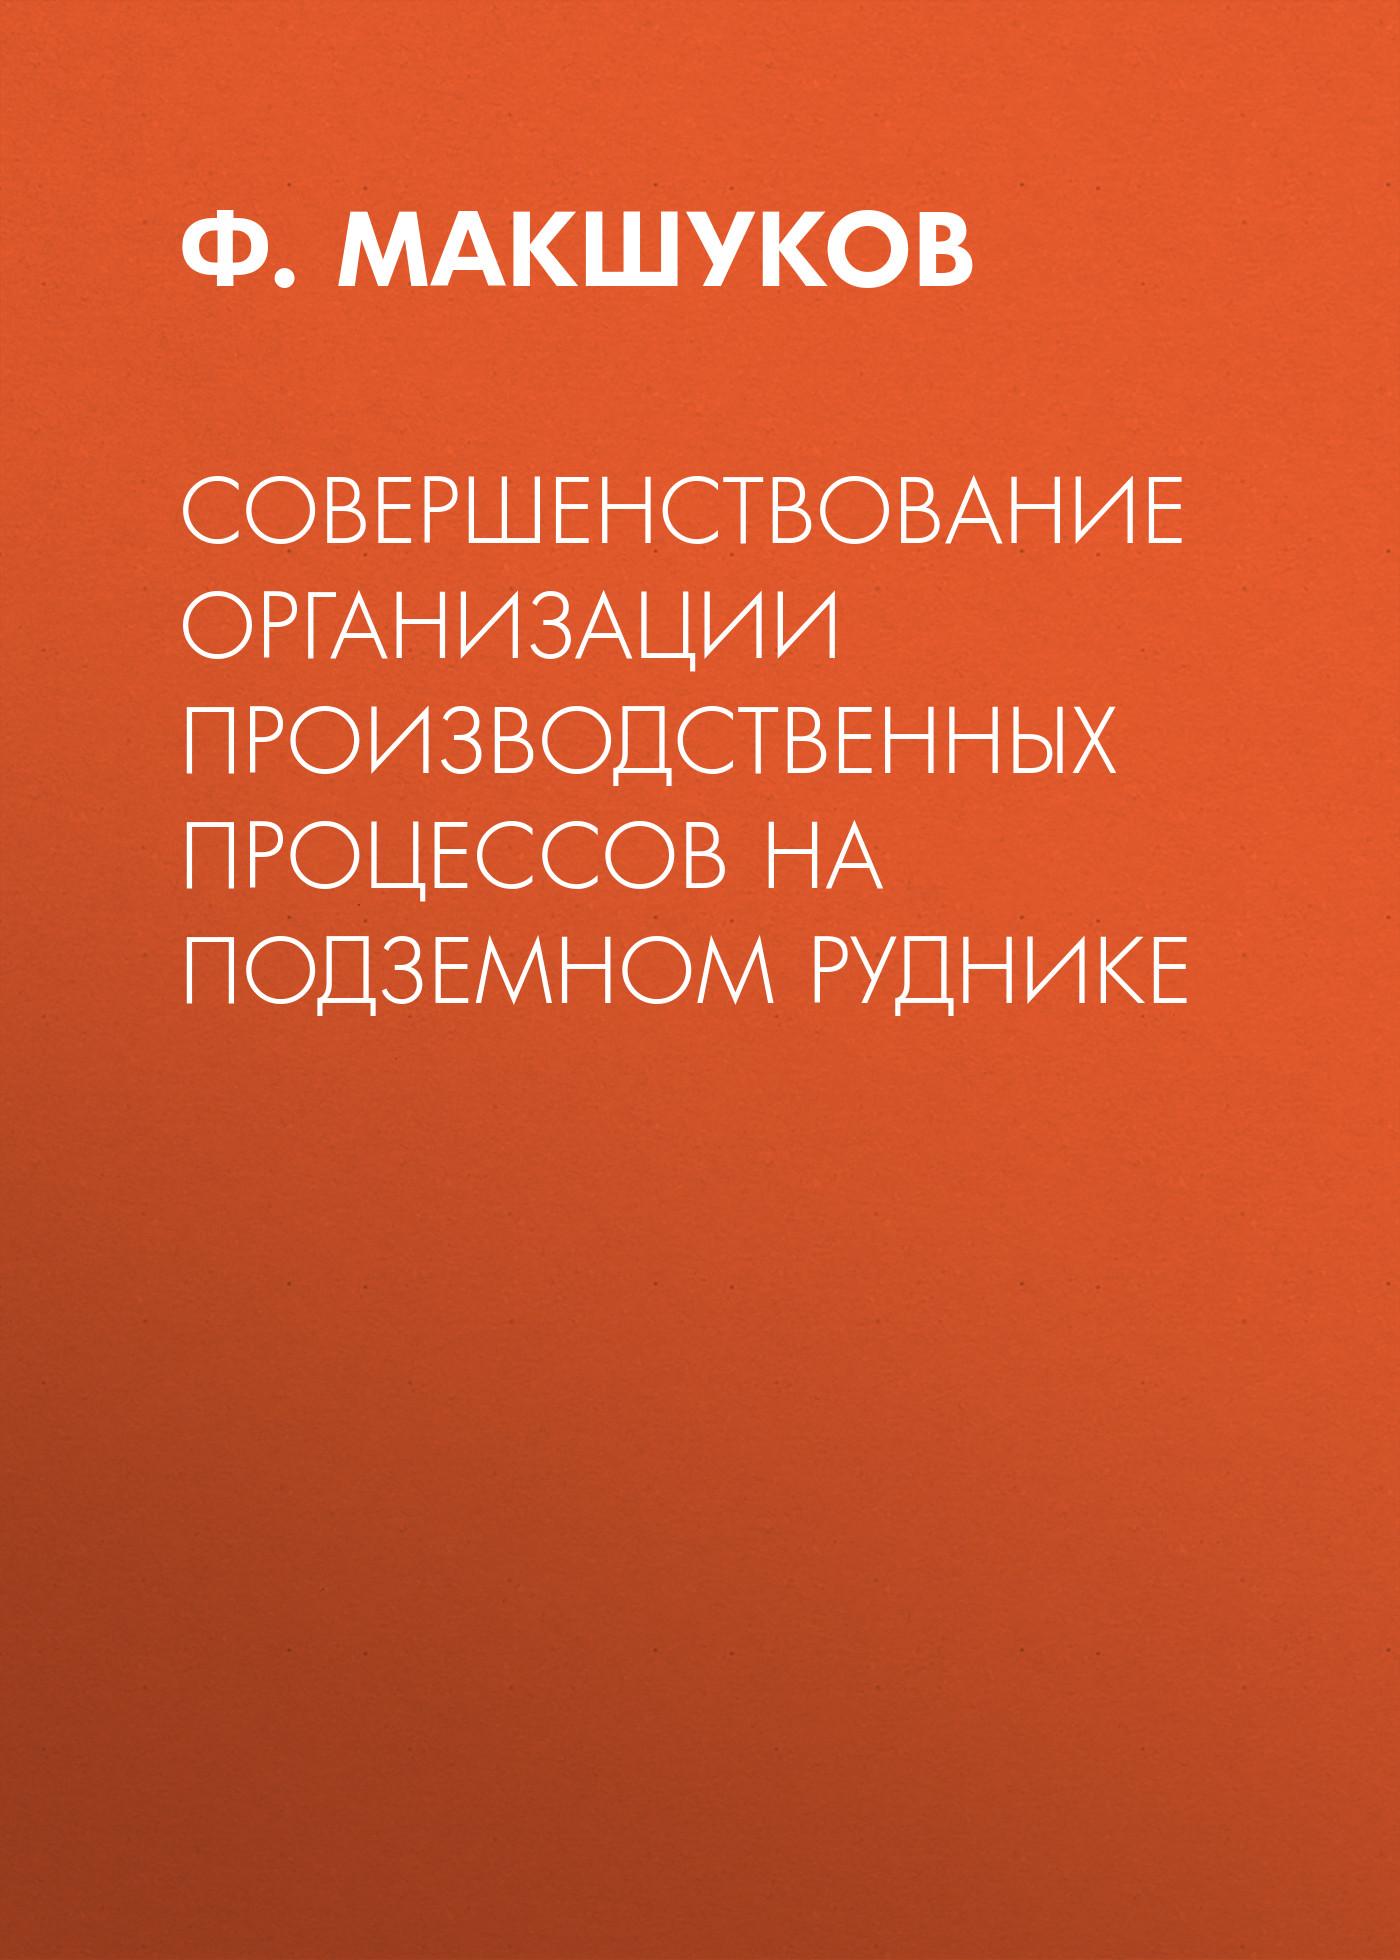 Фото - Ф. Макшуков Совершенствование организации производственных процессов на подземном руднике а а боровков эргодичность и устойчивость случайных процессов